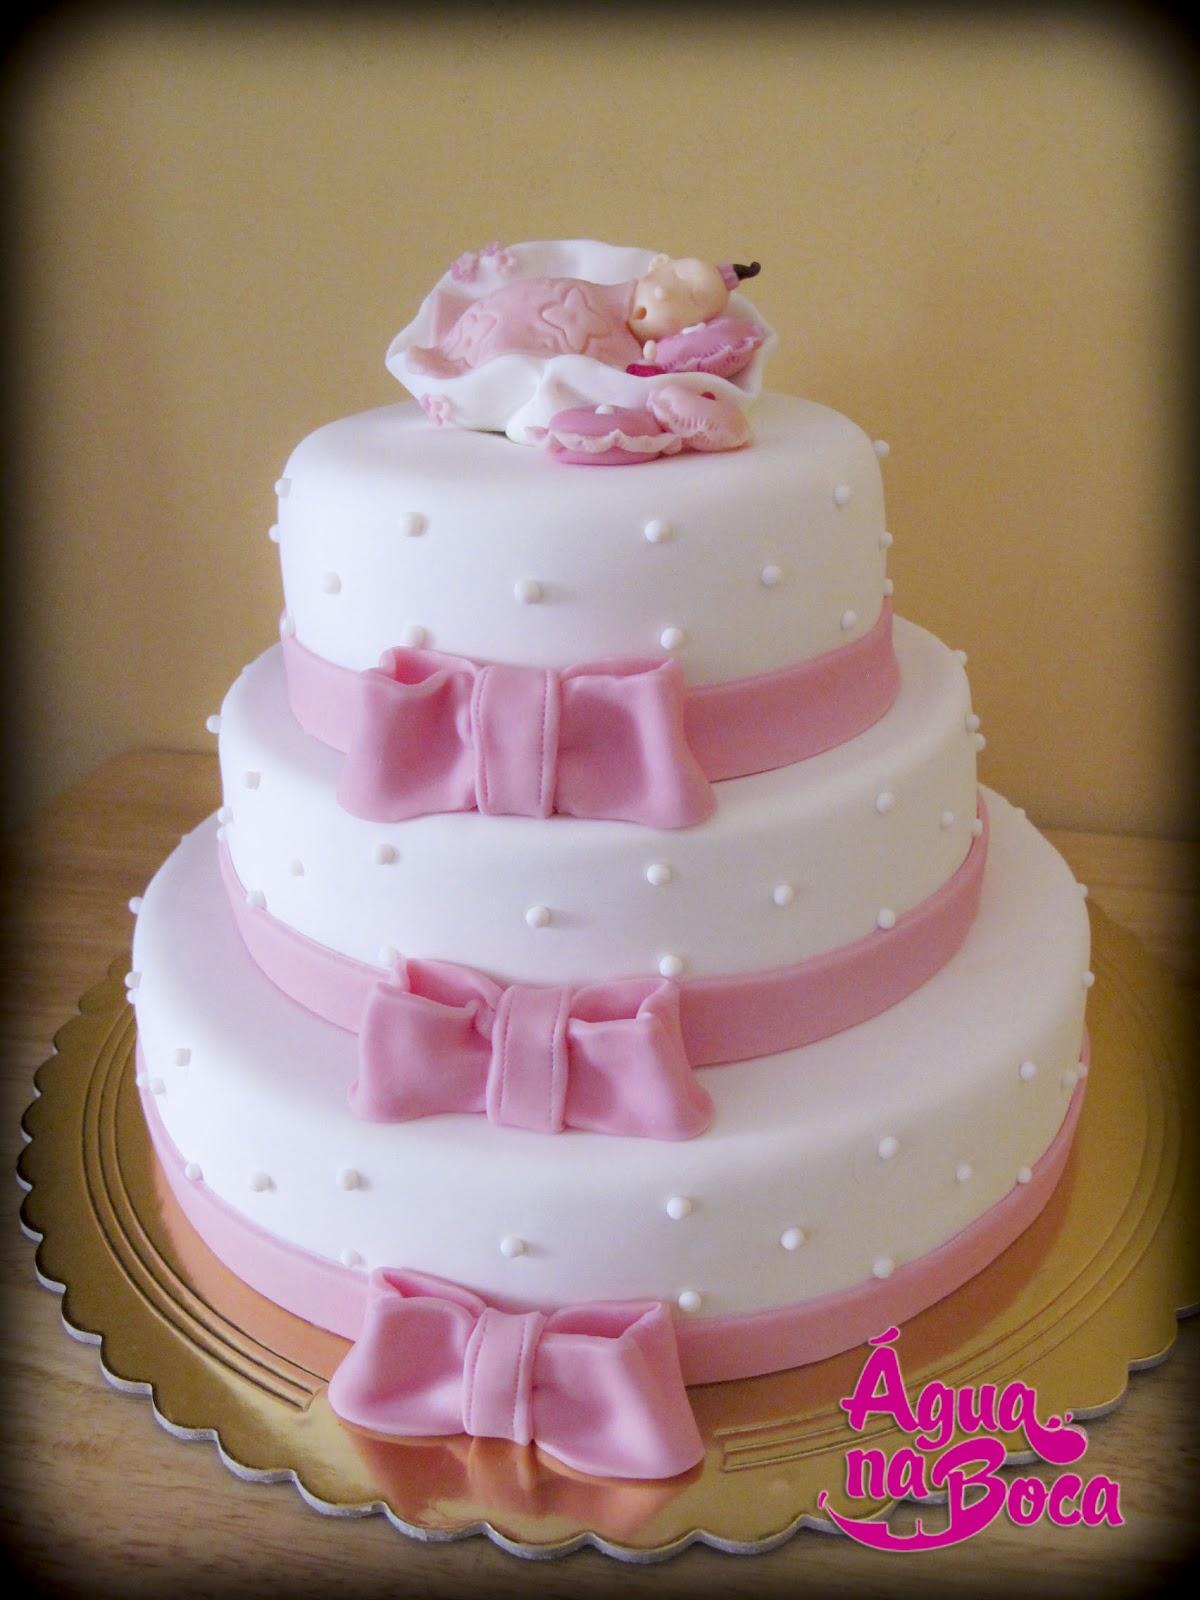 Cake Design Lisboa Encomendas : BOLO DE BAPTISMO - 3 PISOS 3 SABORES = aGUA NA BOCA ...